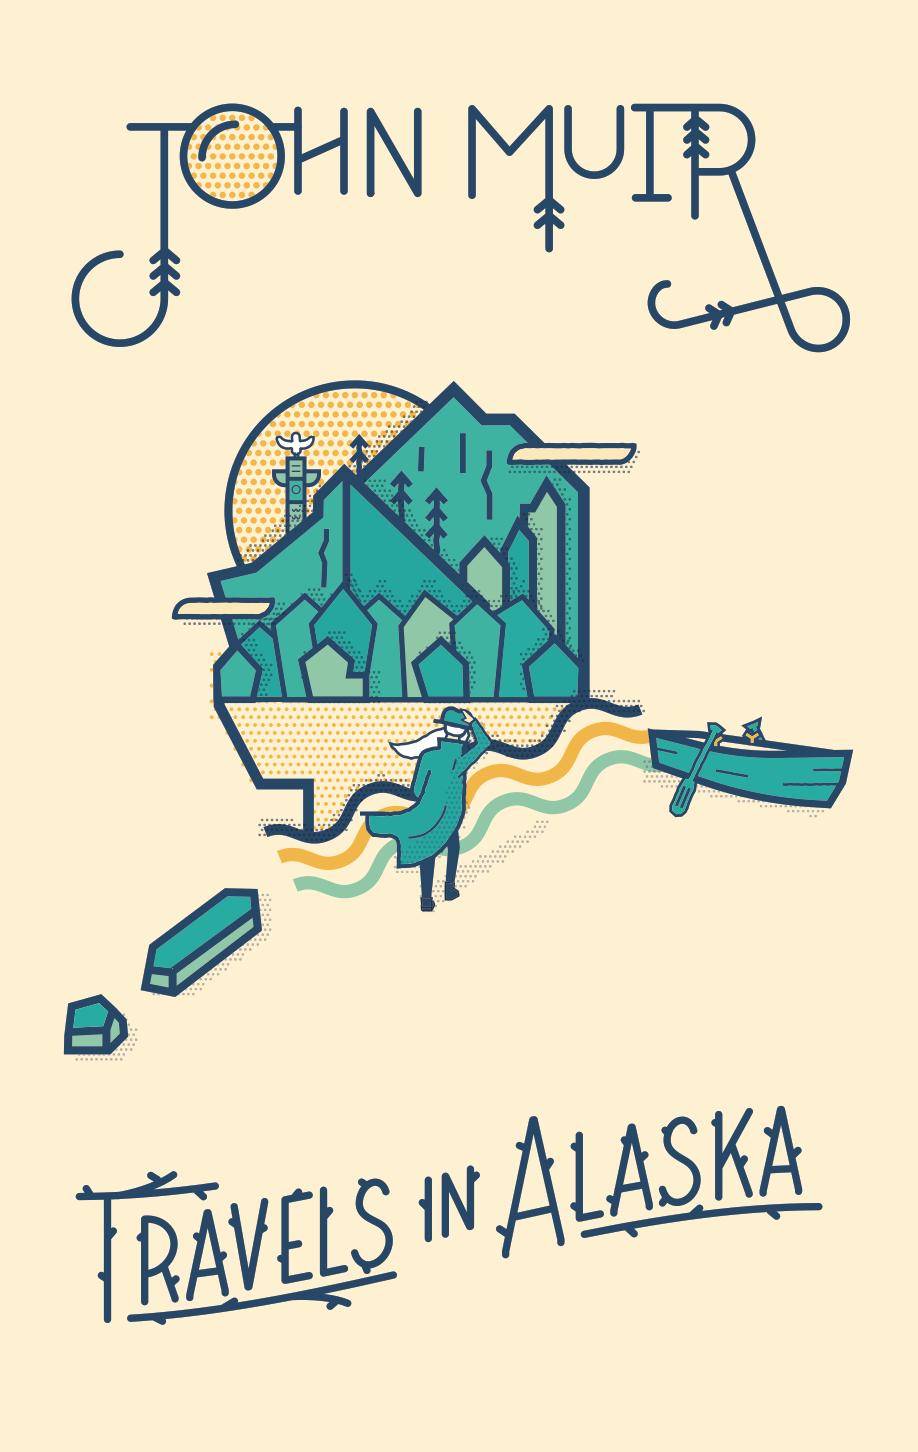 John Muir Alaska.png